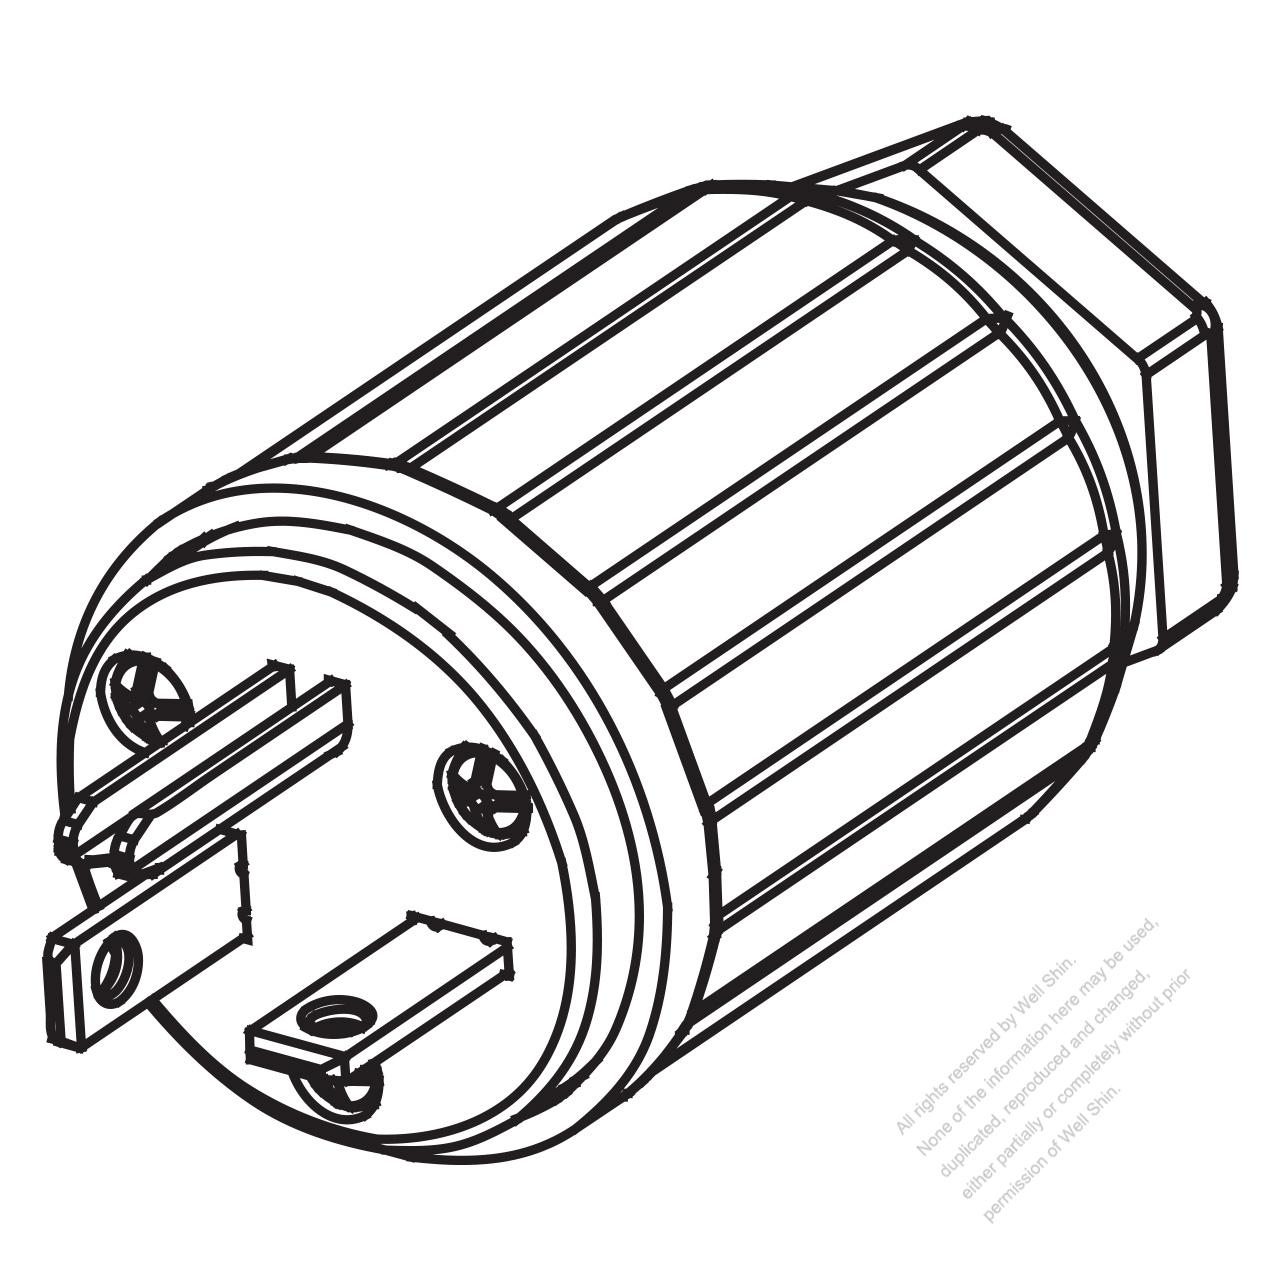 6 20p Plug